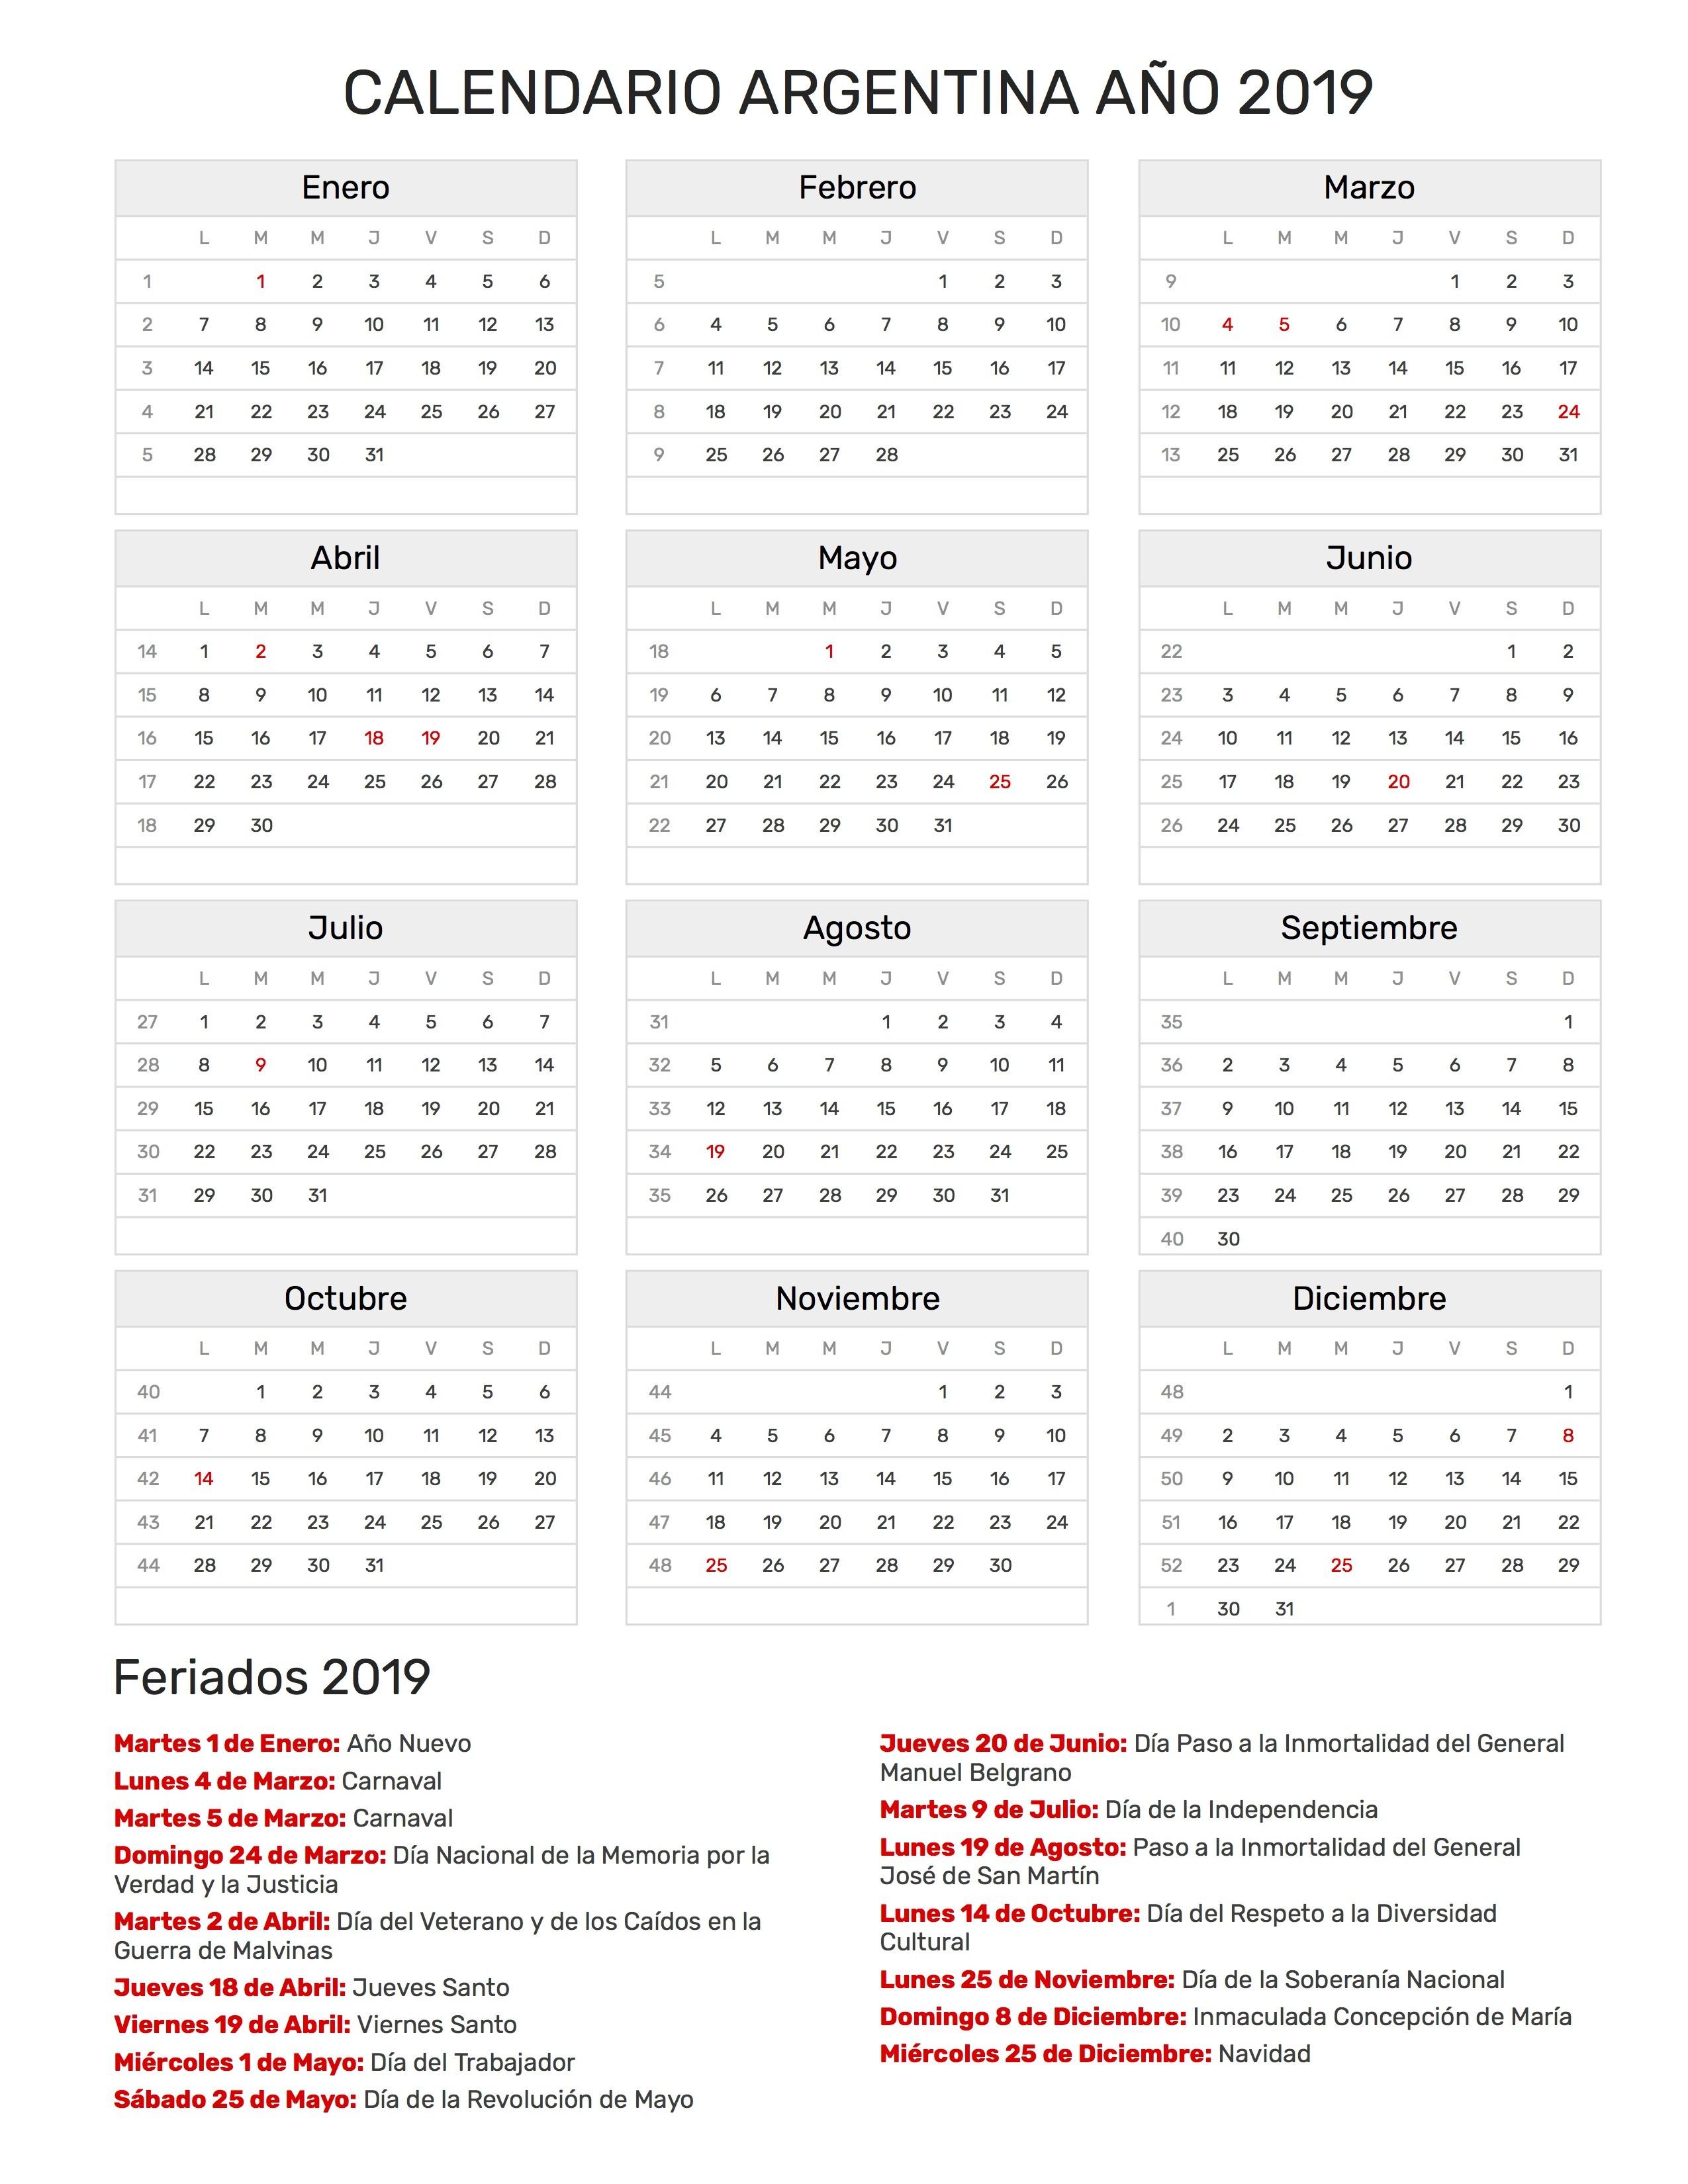 La Secretara de Servicios Pºblicos de la Municipalidad de Concordia inform³ que el lunes 9 de julio feriado nacional por el Da de la Declaraci³n de la